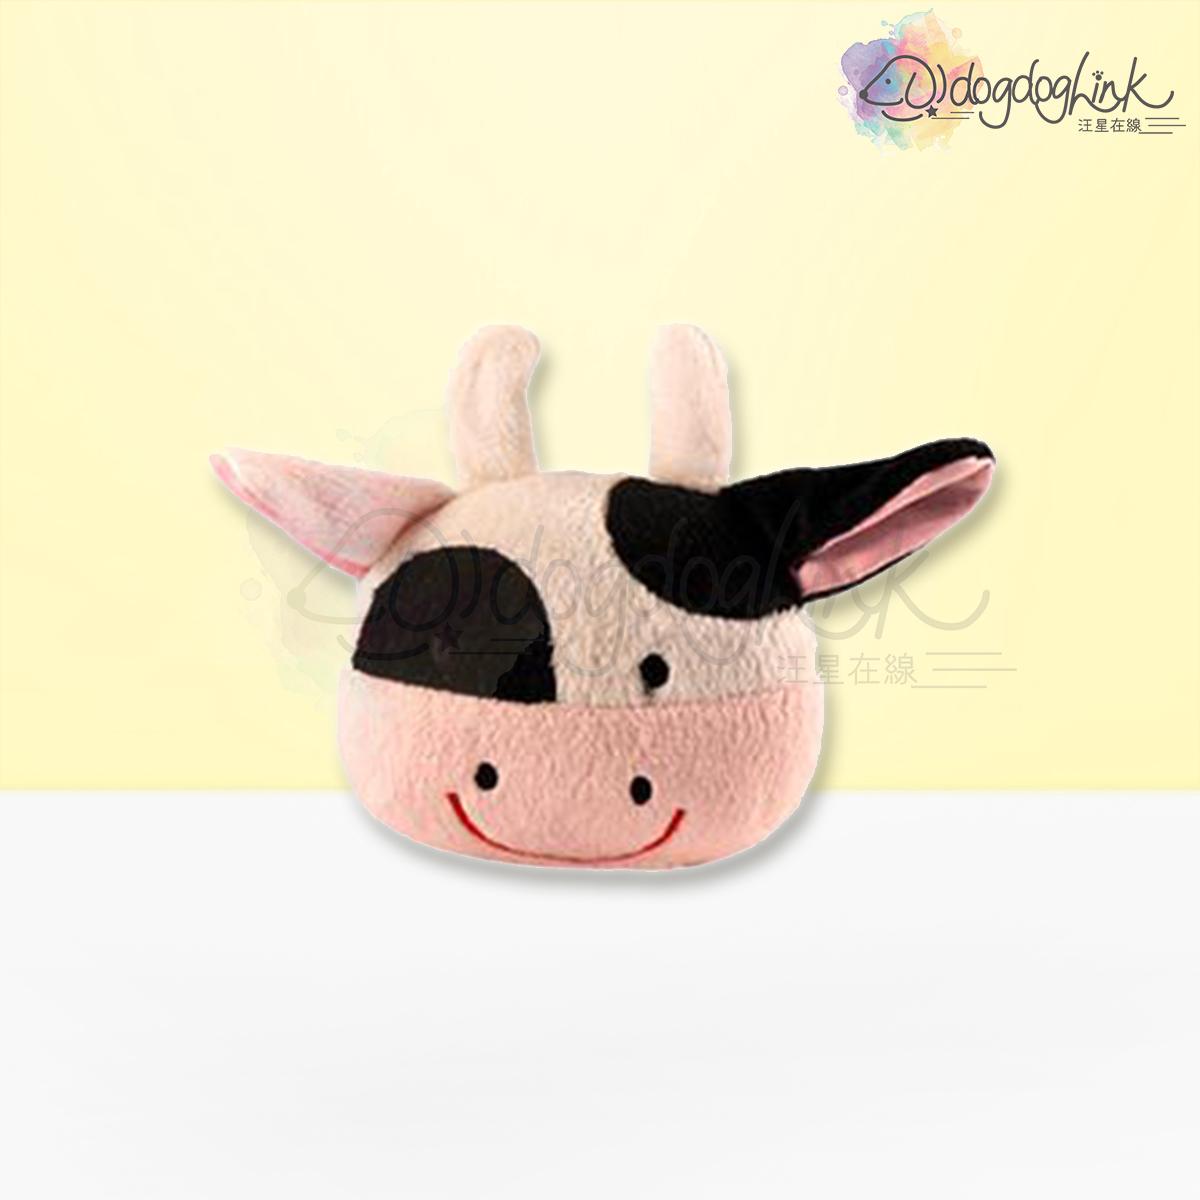 大耳朵奶牛 11x15x6cm